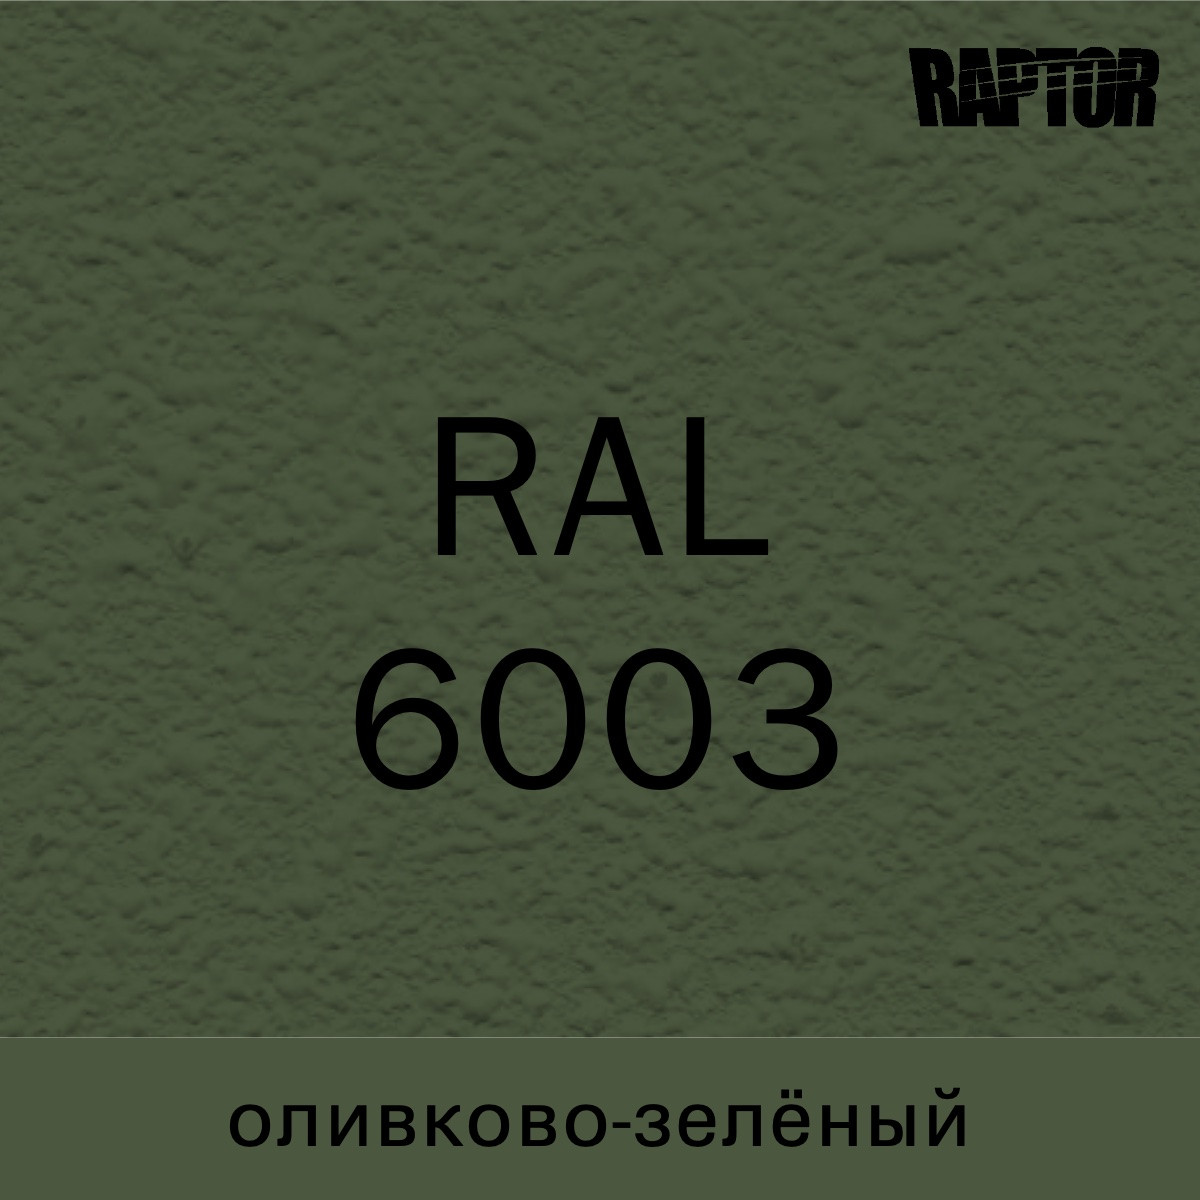 Пигмент для колеровки покрытия RAPTOR™ Оливково-зелёный (RAL 6003)